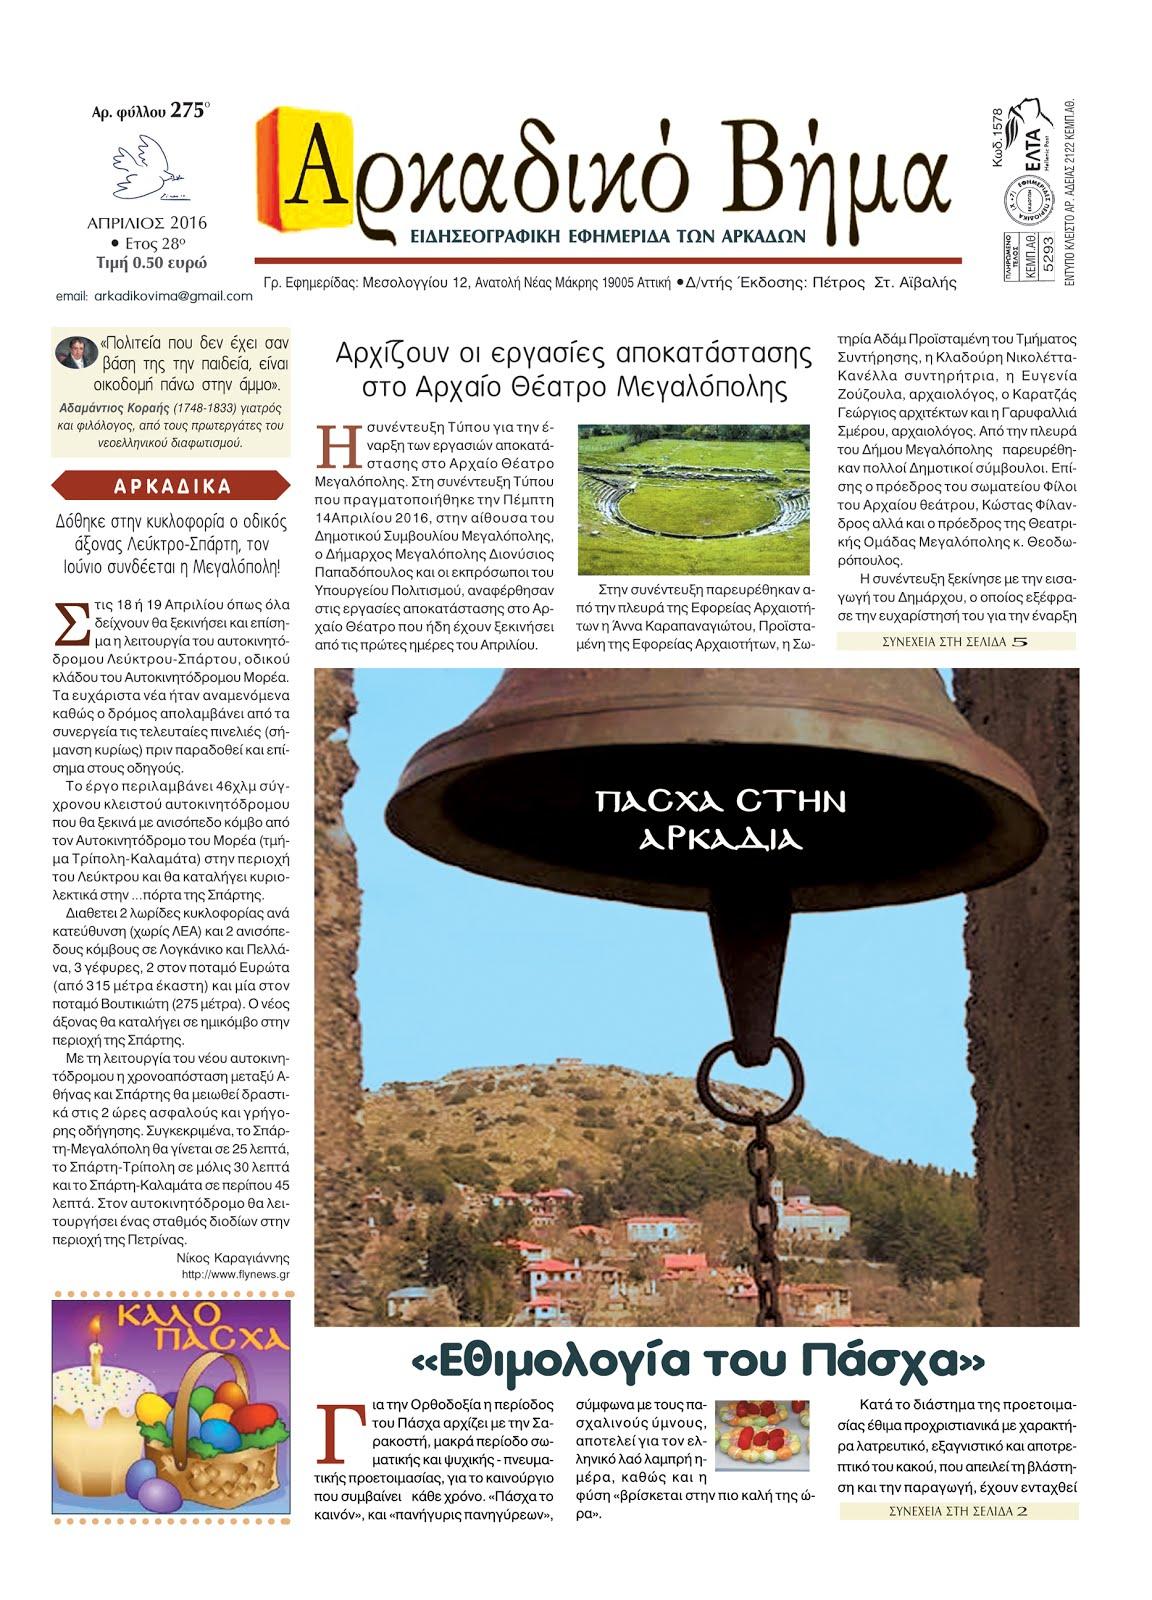 """Αρκαδικό Βήμα, κυκλοφόρησε το νέο φύλλο με θέματα: """"Εθιμολογία του Πάσχα"""" και"""